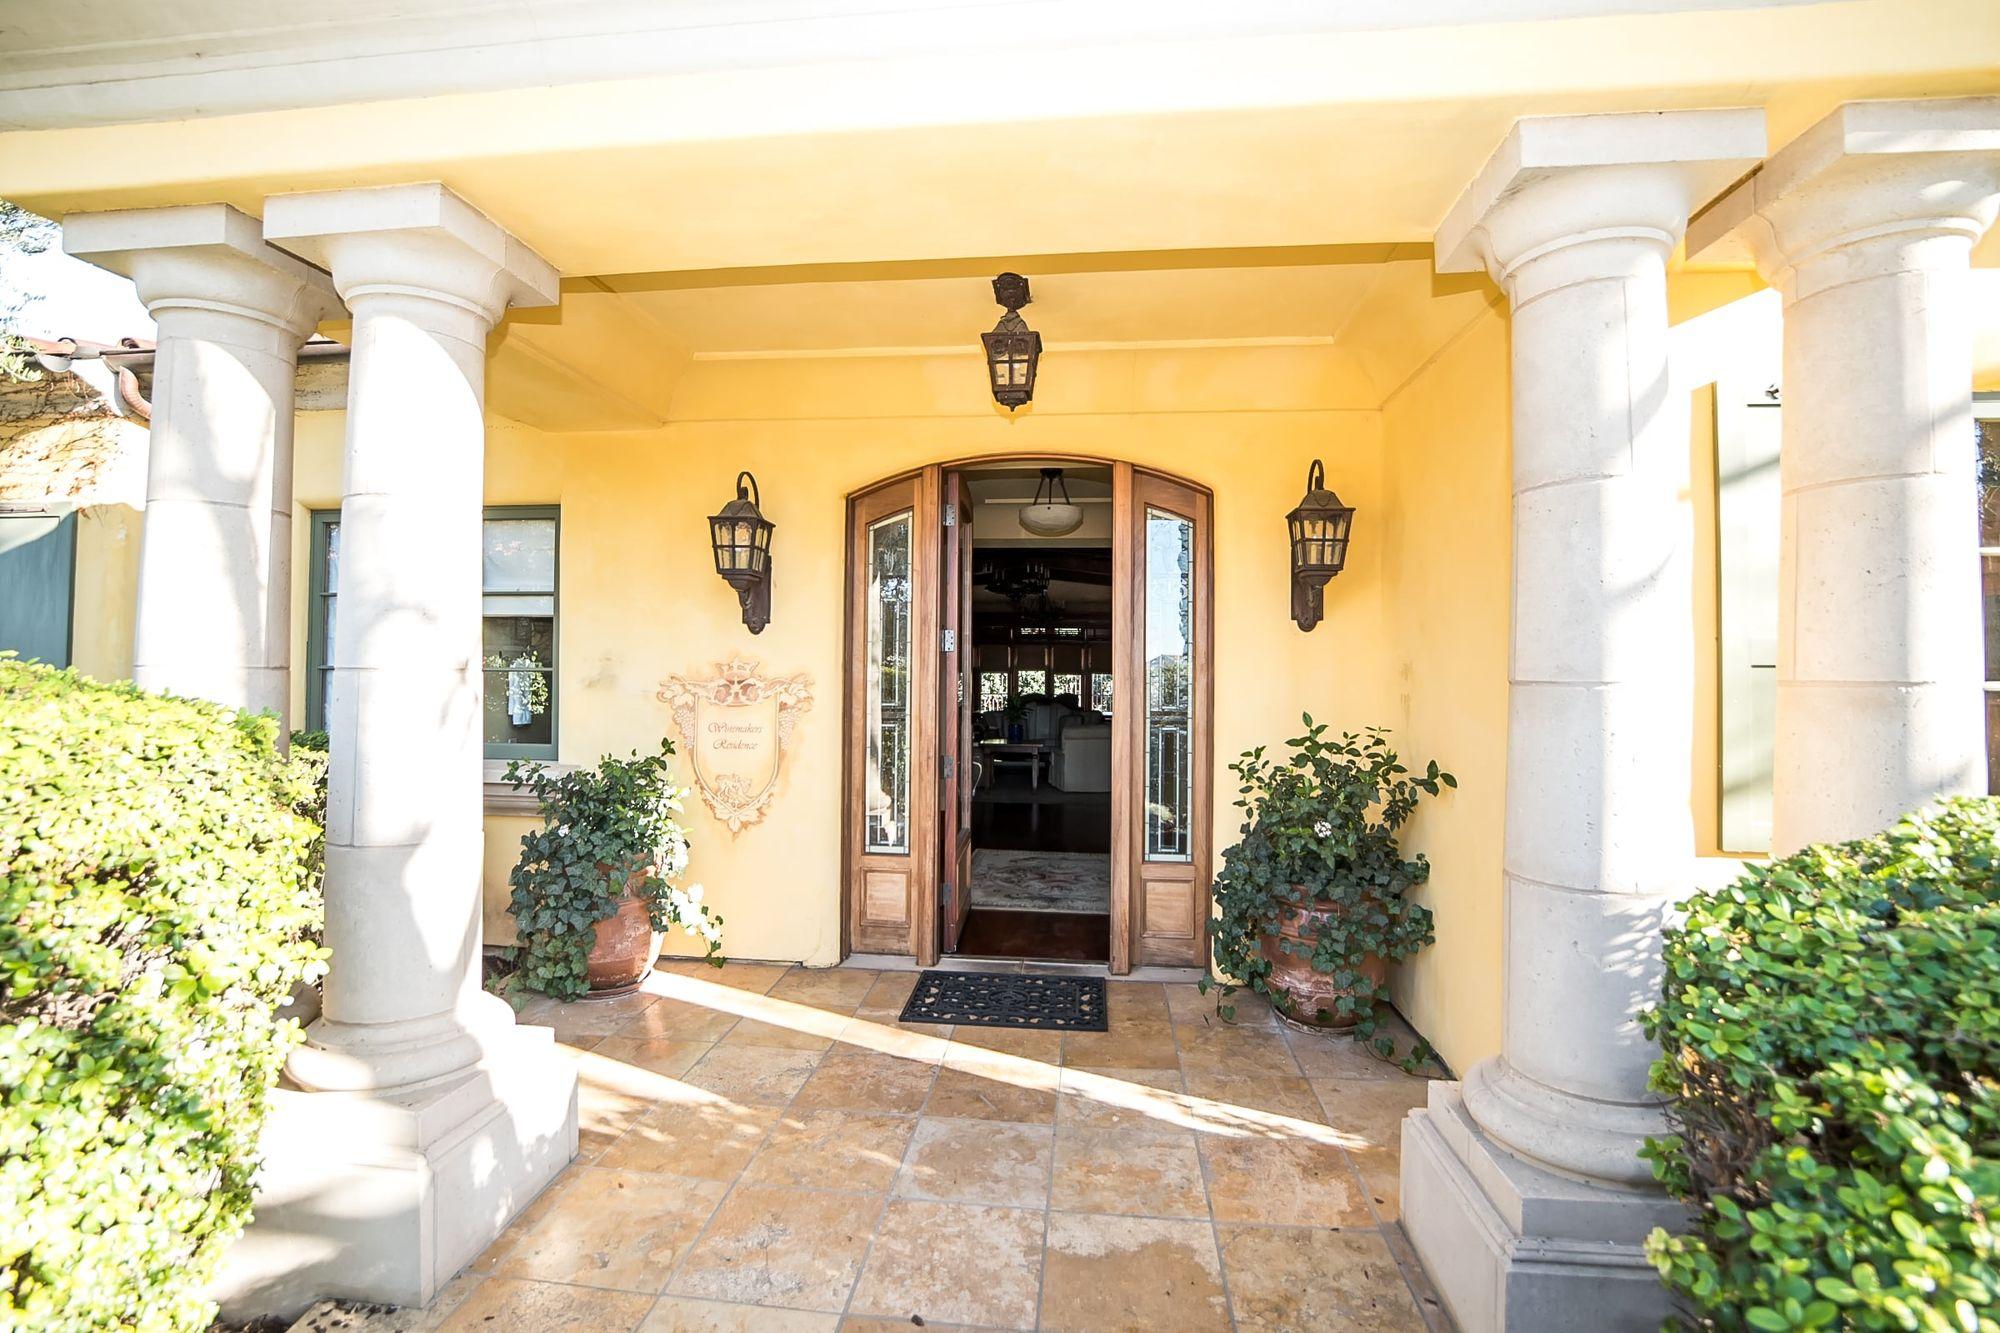 Front door open with lighting and columns